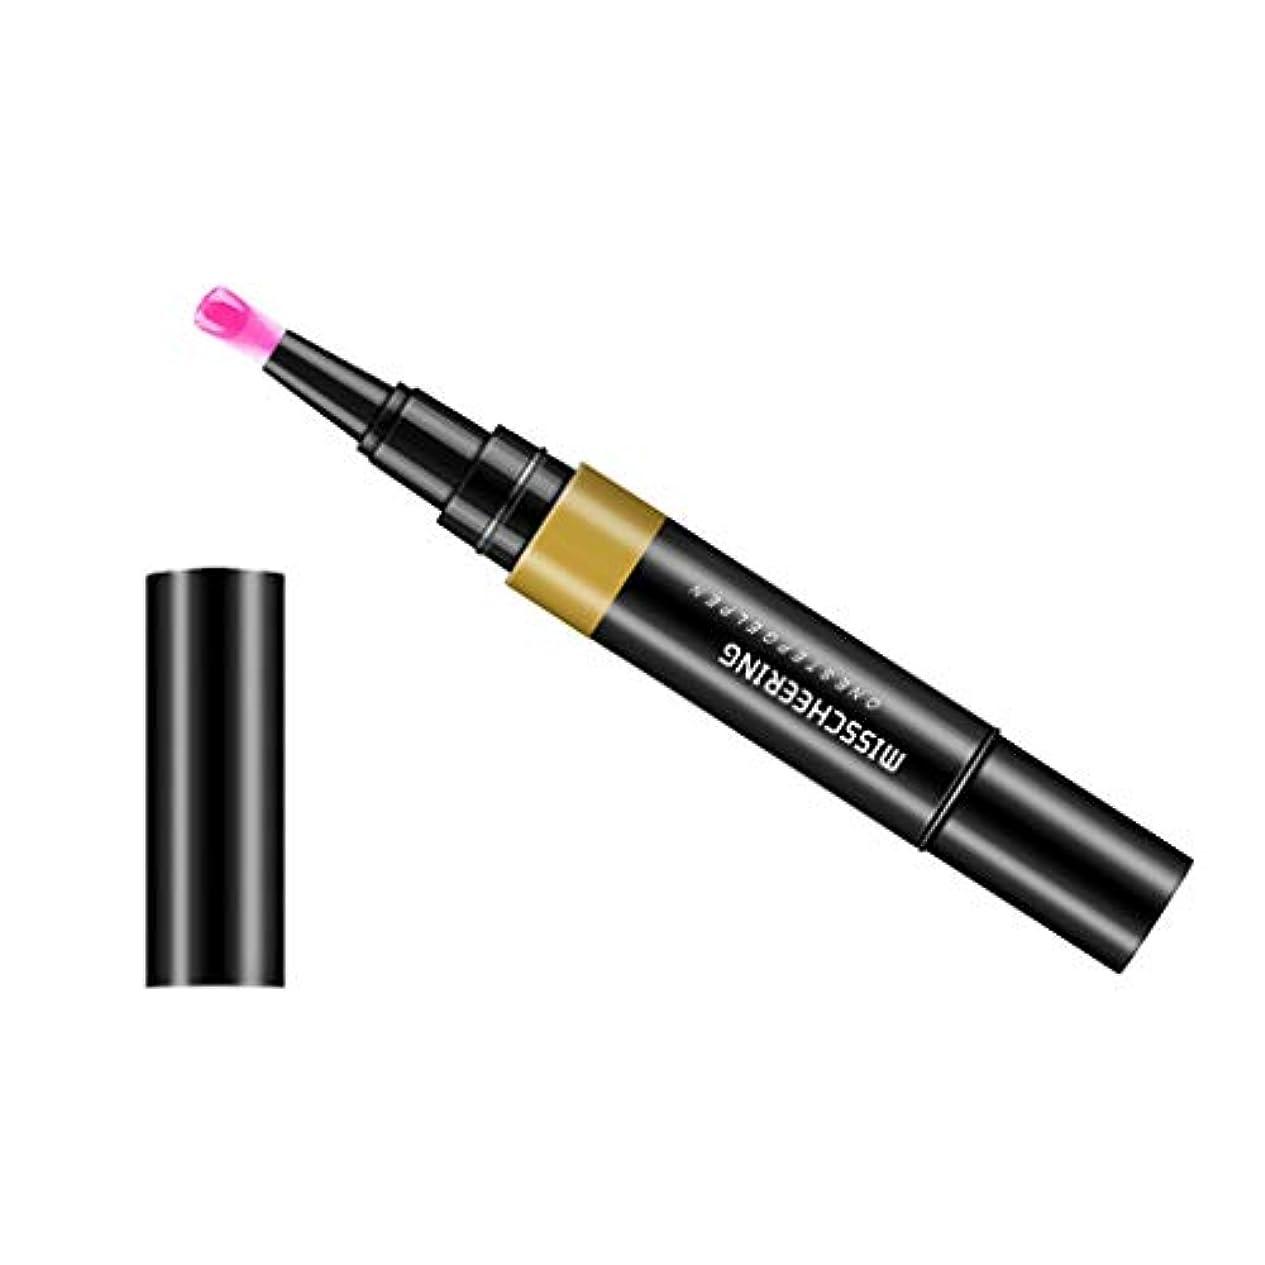 複合コンデンサースラッシュToygogo ジェル マニキュアペン ワニスラッカー ネイルアートペン 3 イン 1 サロン 初心者 セルフネイル DIY - ピンク